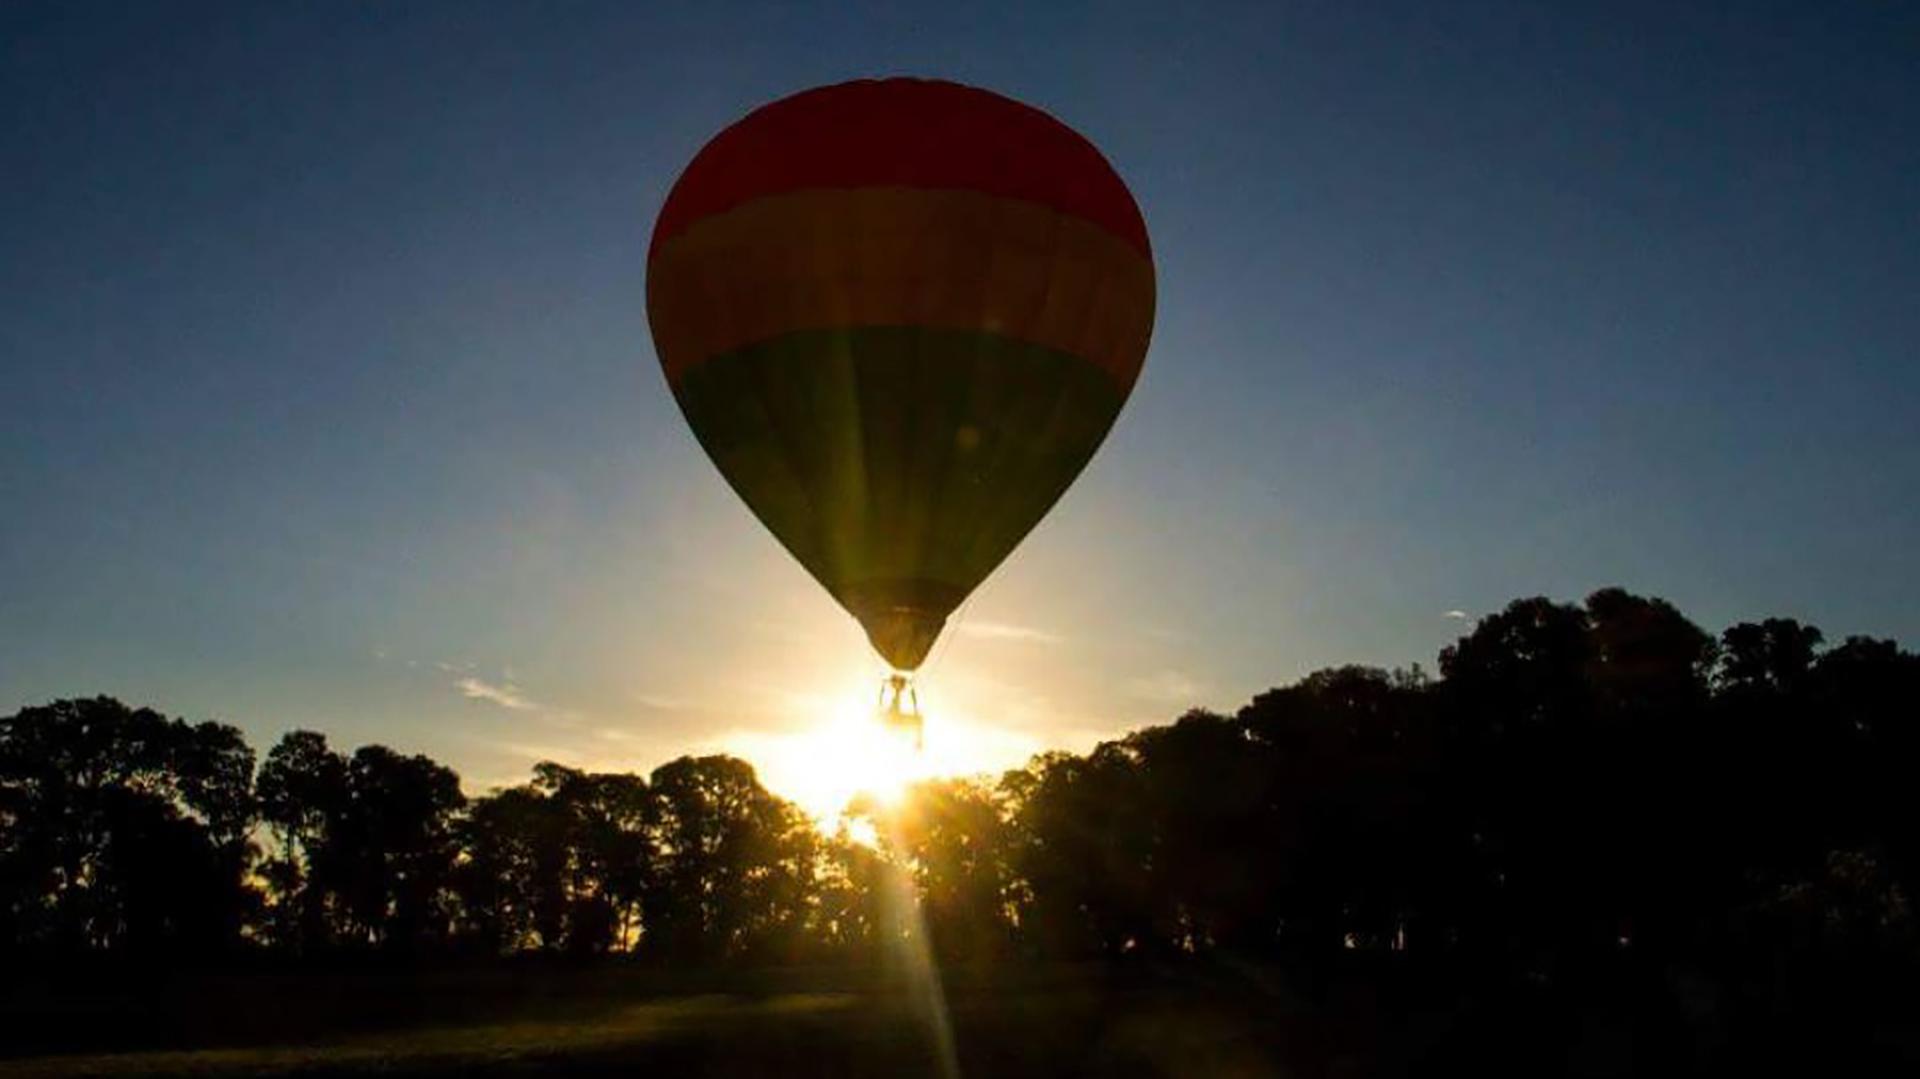 El globo aerostático asciende a unos 300 metros de altura (Adrian Melo)